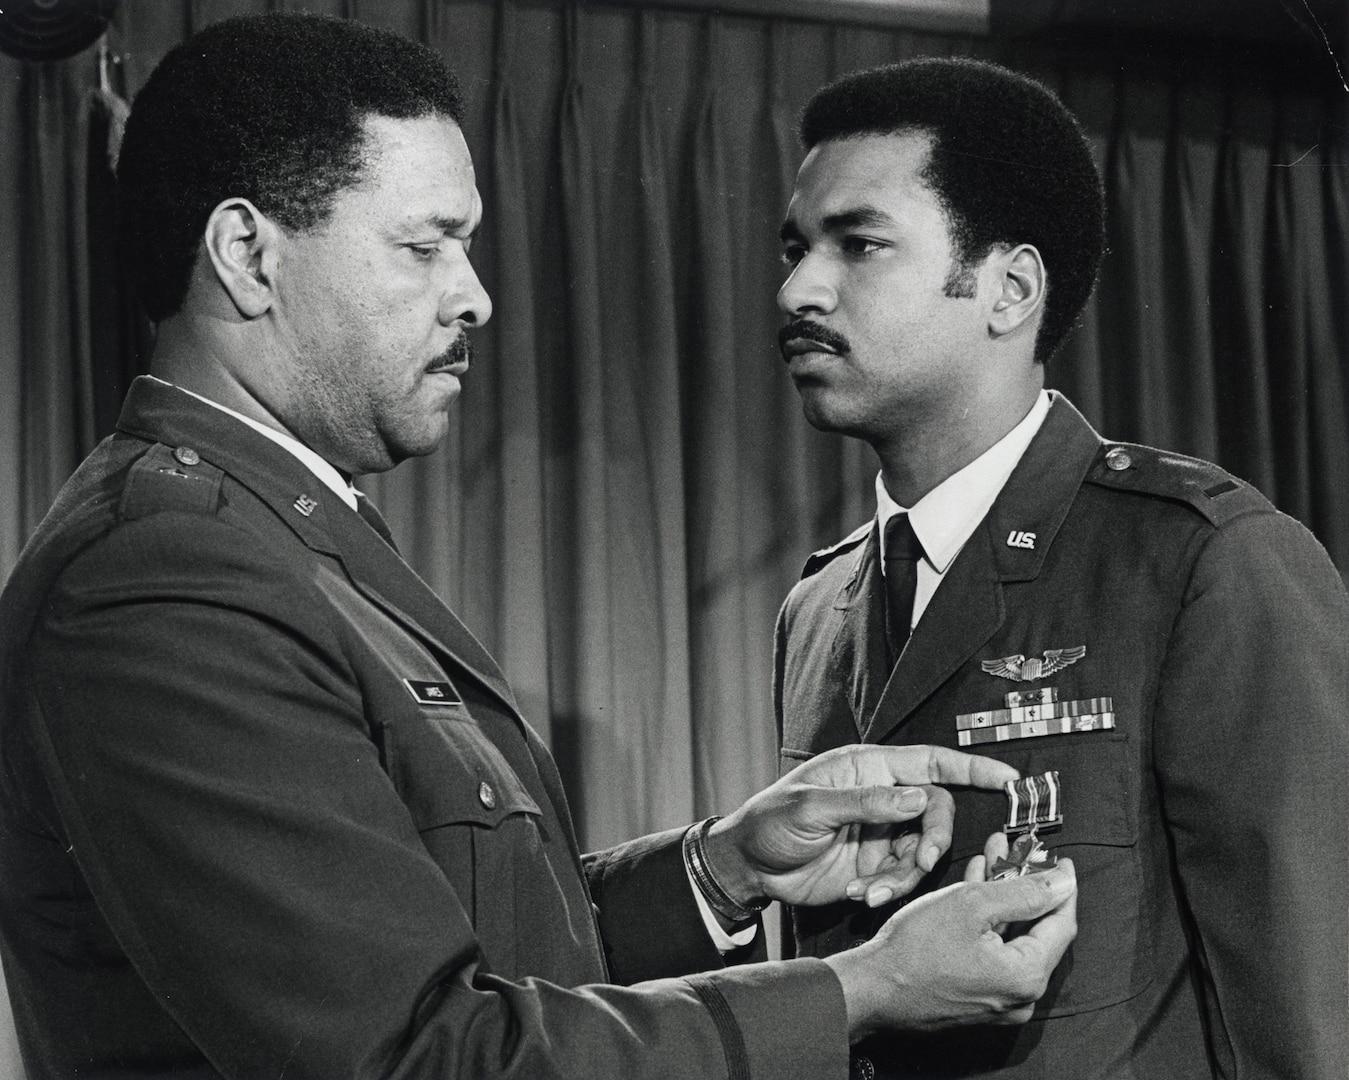 Air Force Lt. Gen. Daniel James III dies at 71